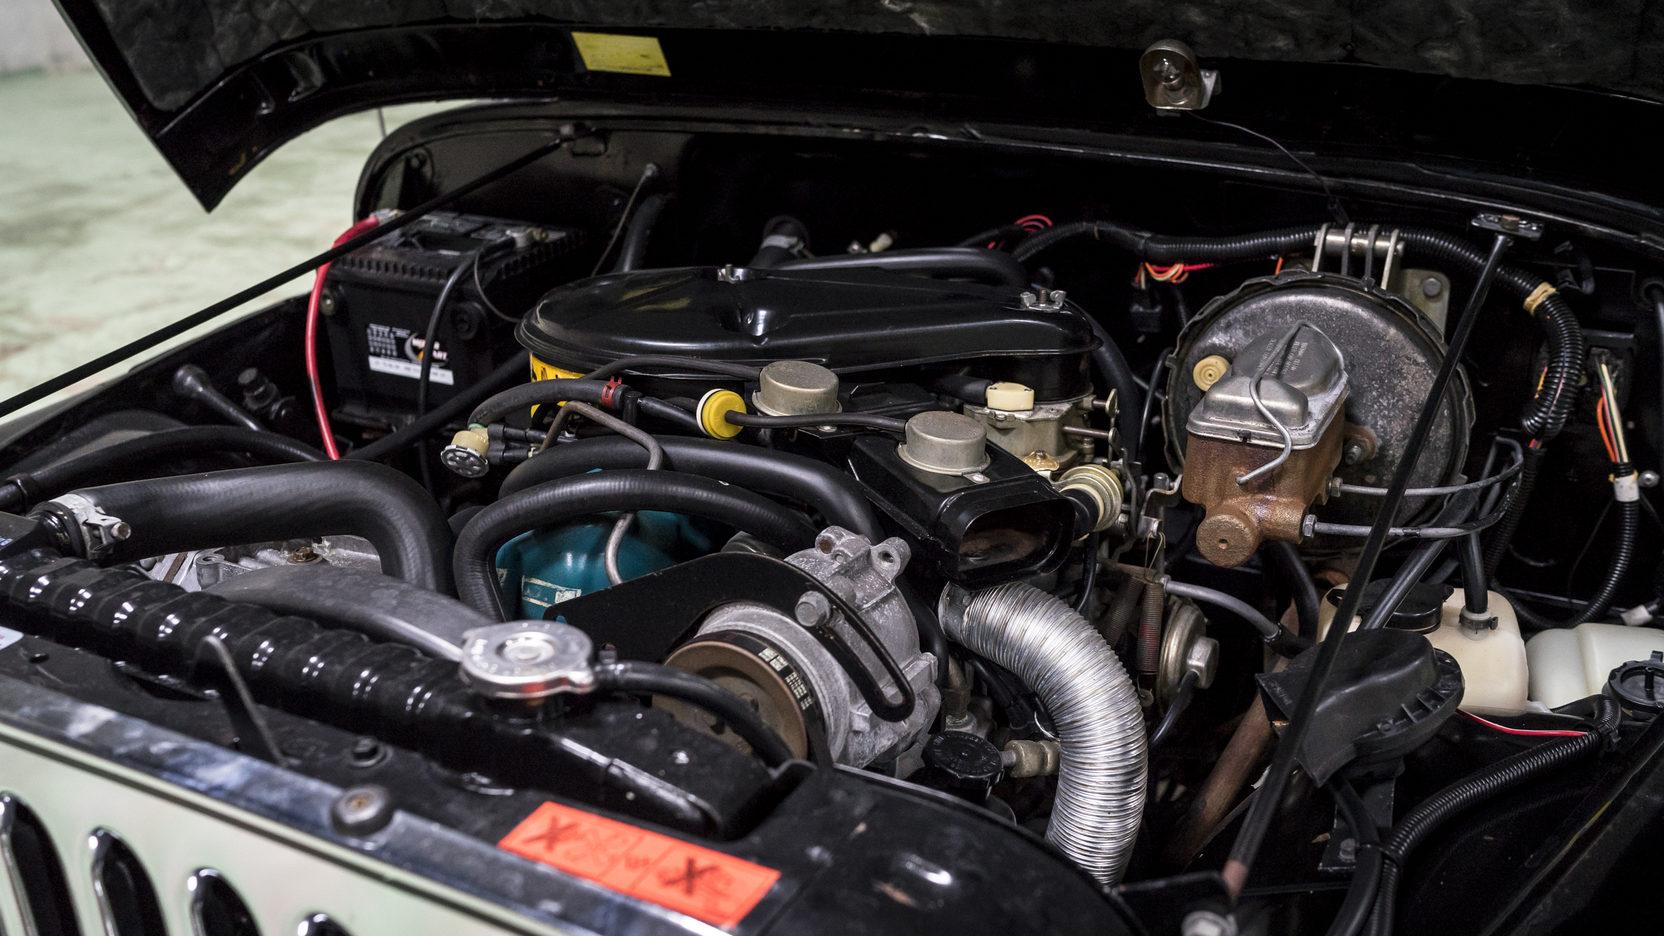 1981 Jeep CJ-7 engine